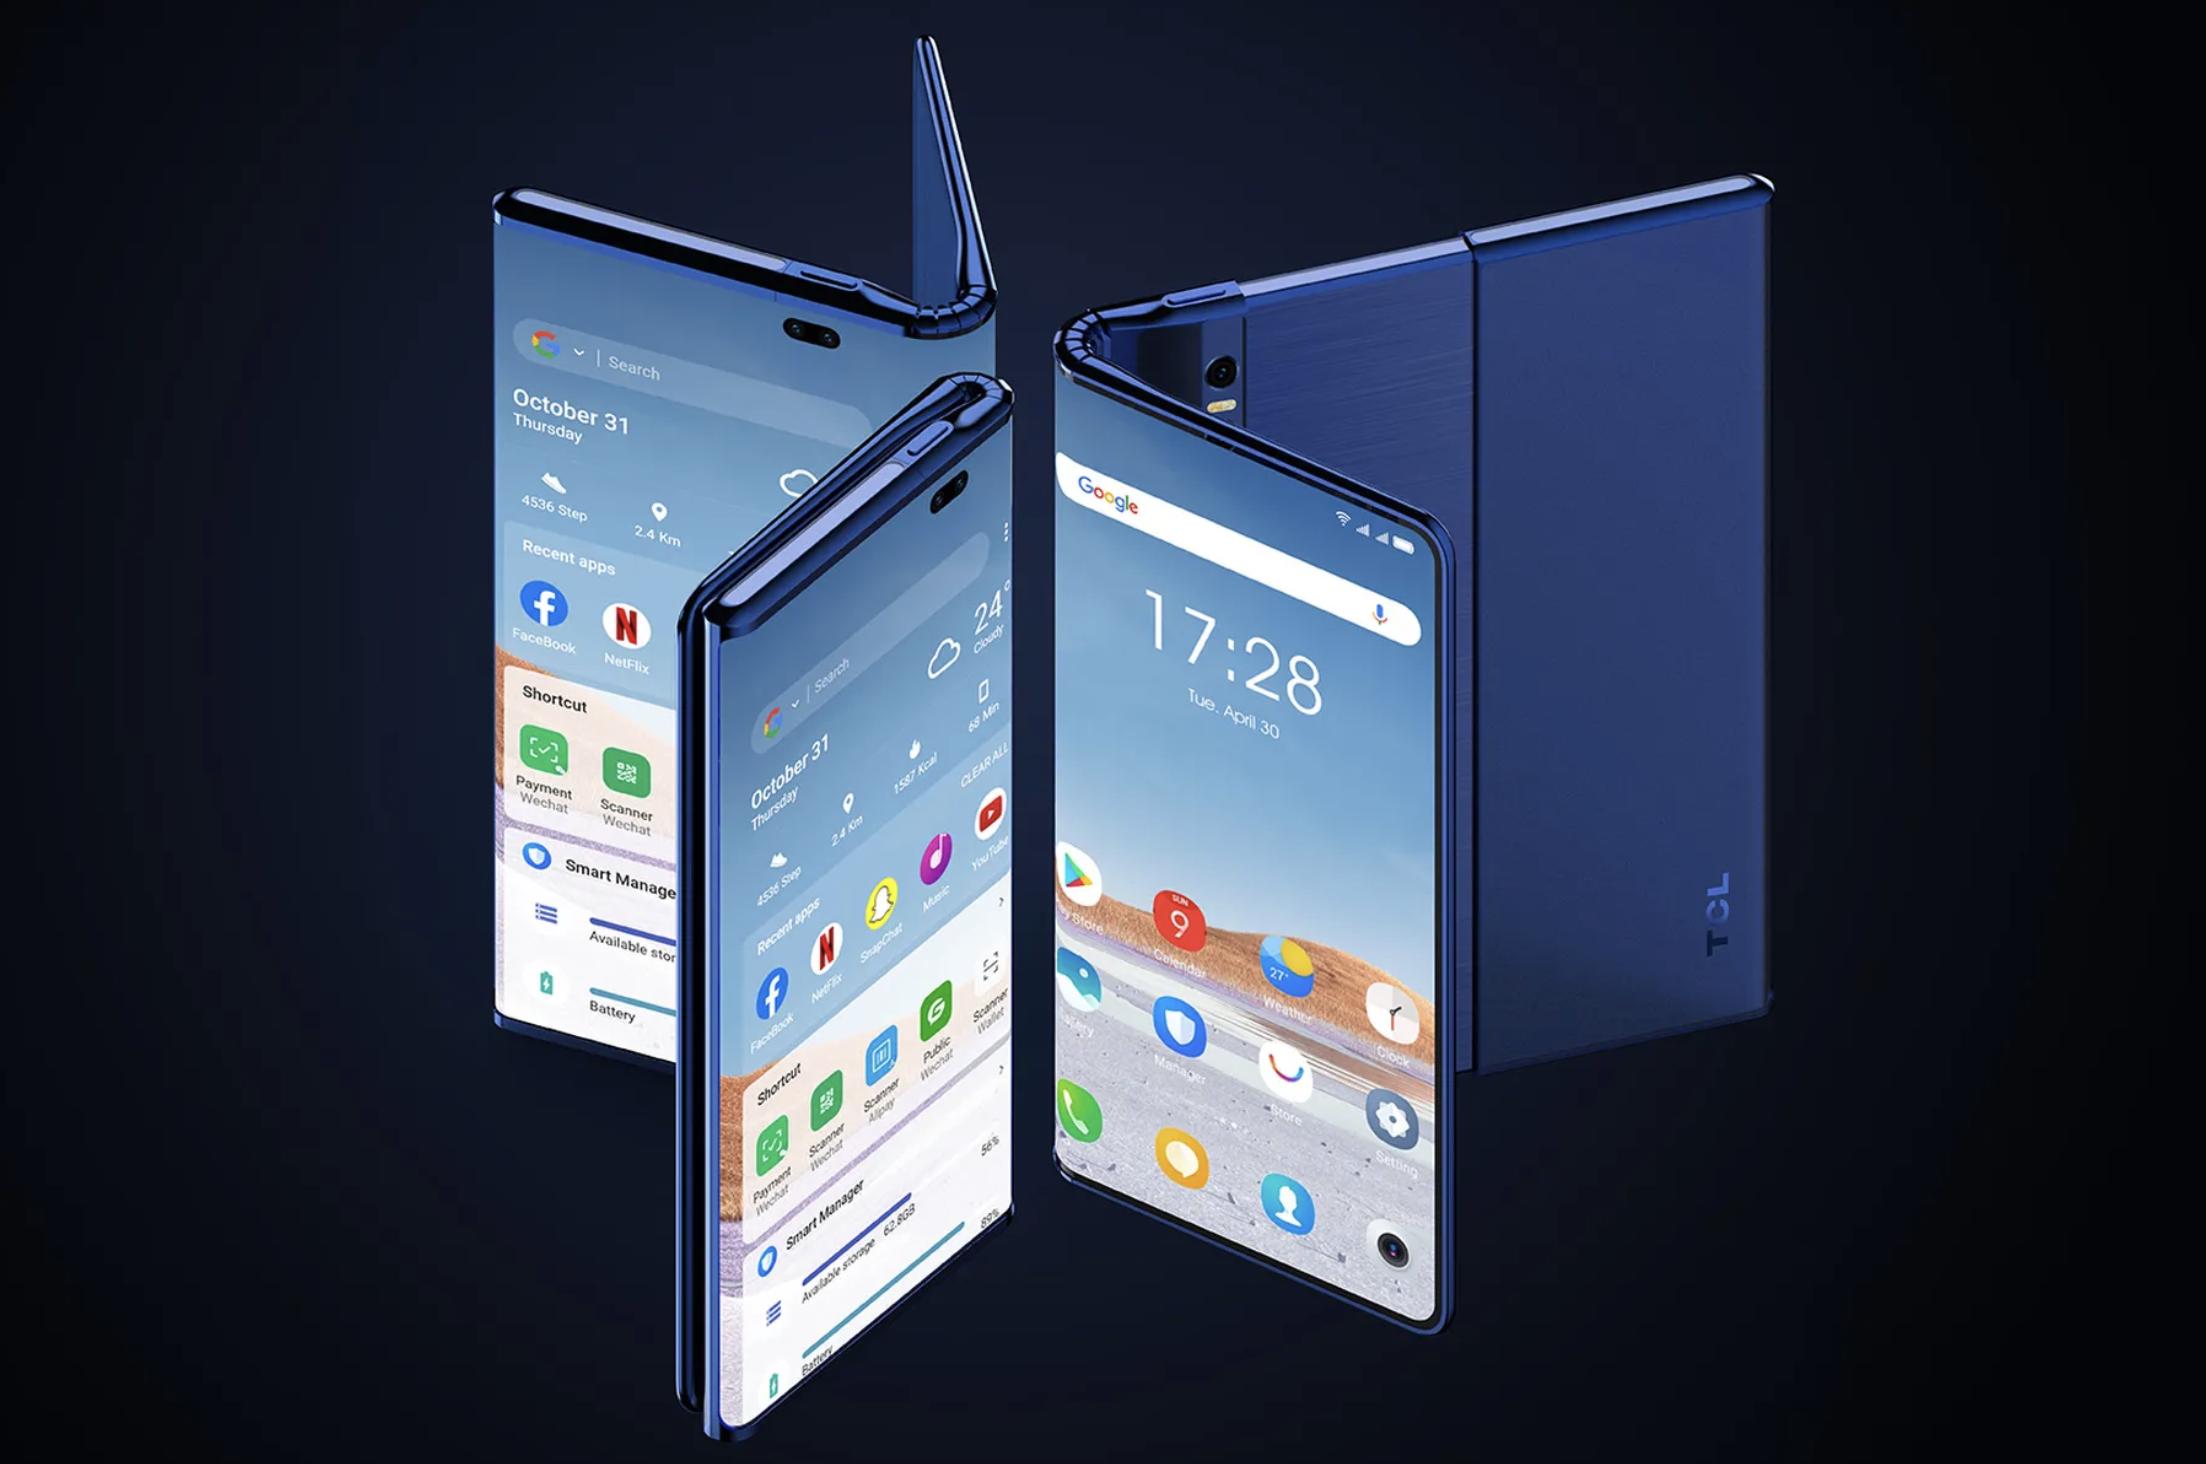 le concept de smartphone pliant/enroulable ultime ?